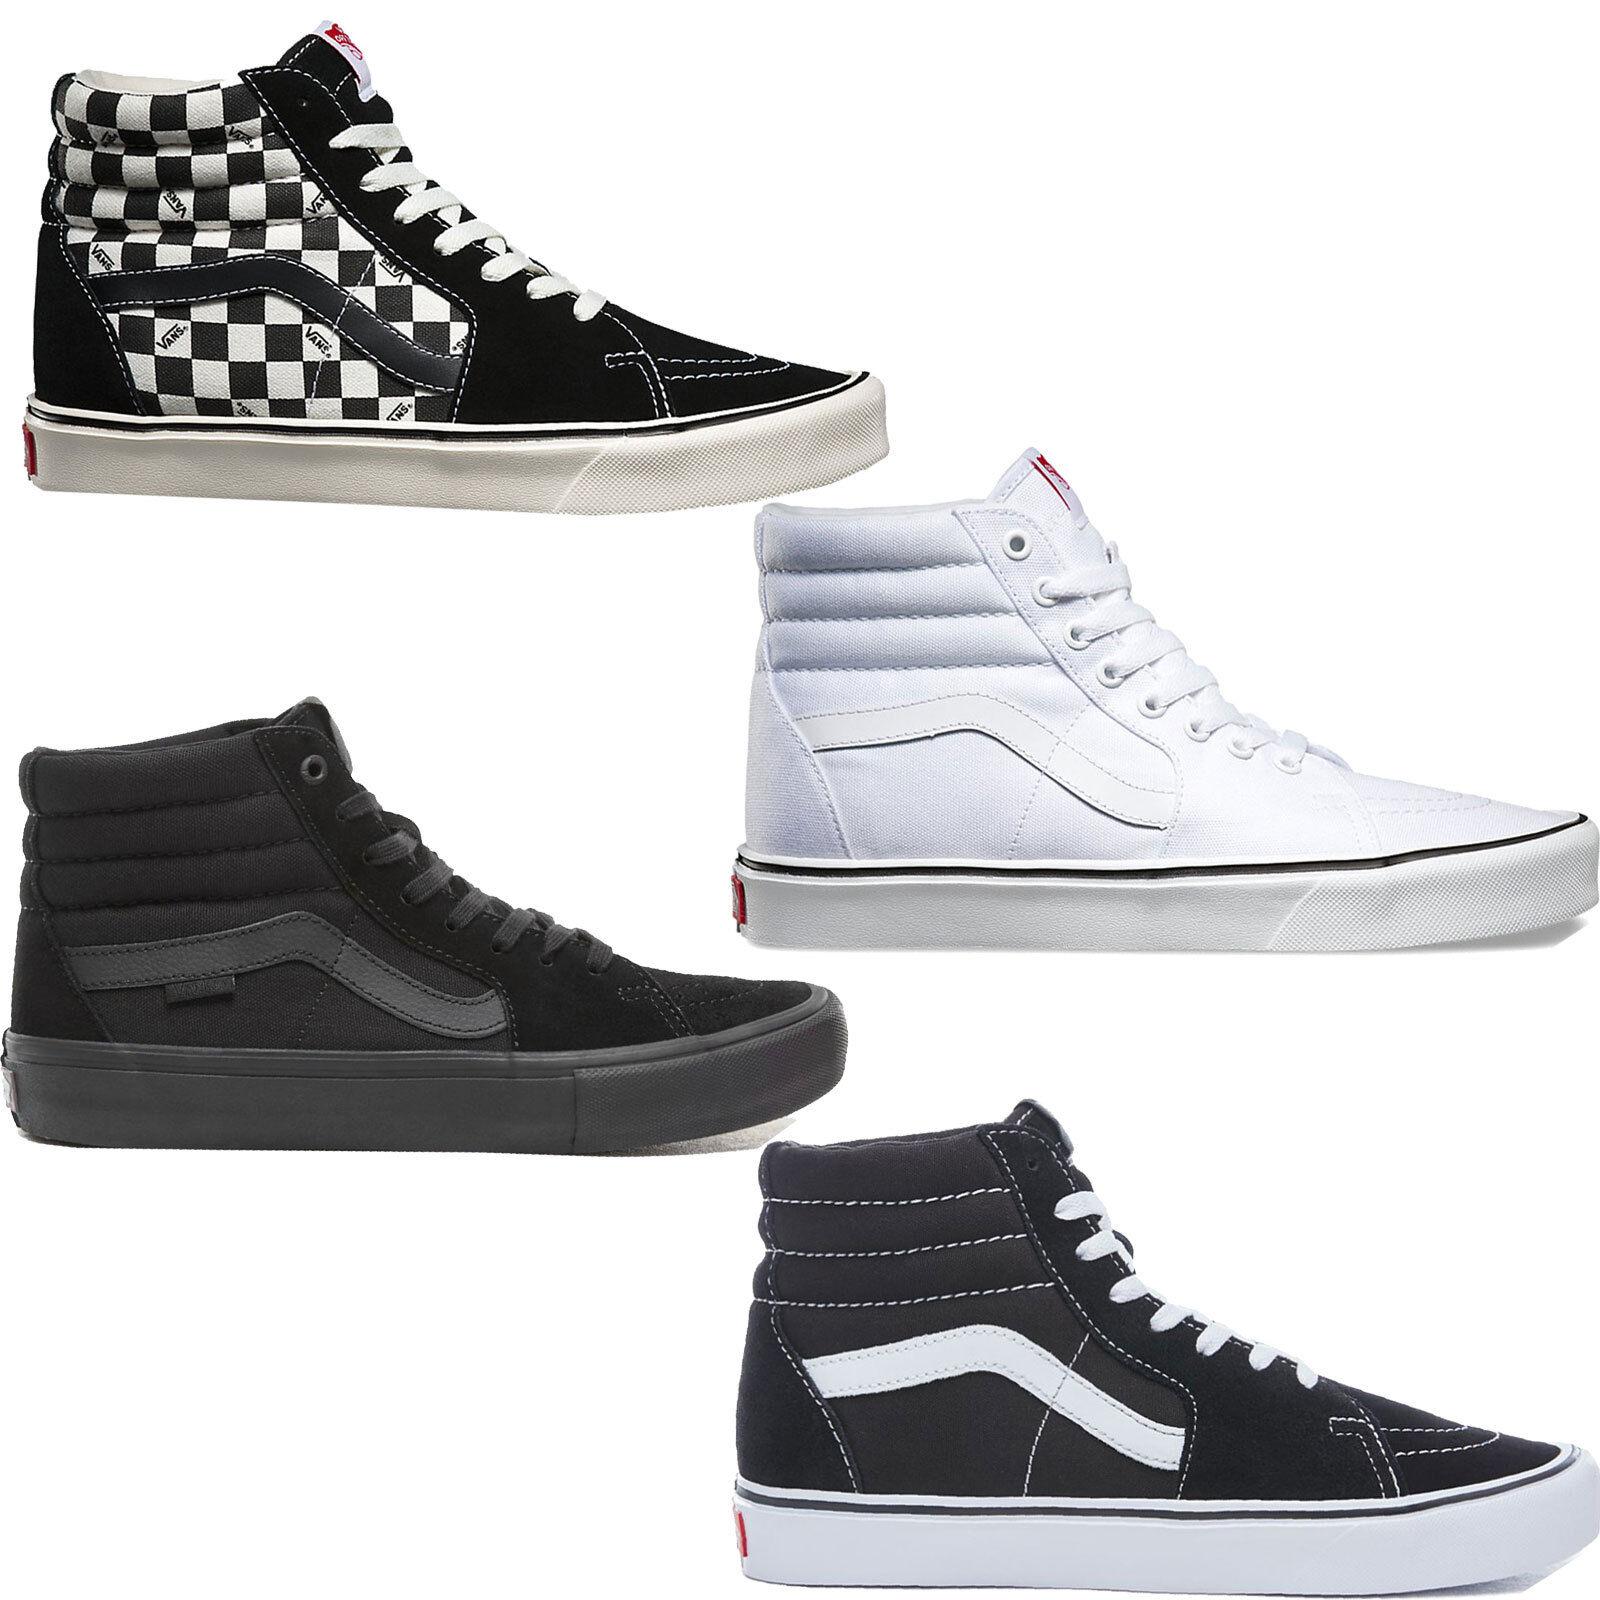 Schuhe Herren Sneaker Vans Test Vergleich +++ Schuhe Herren